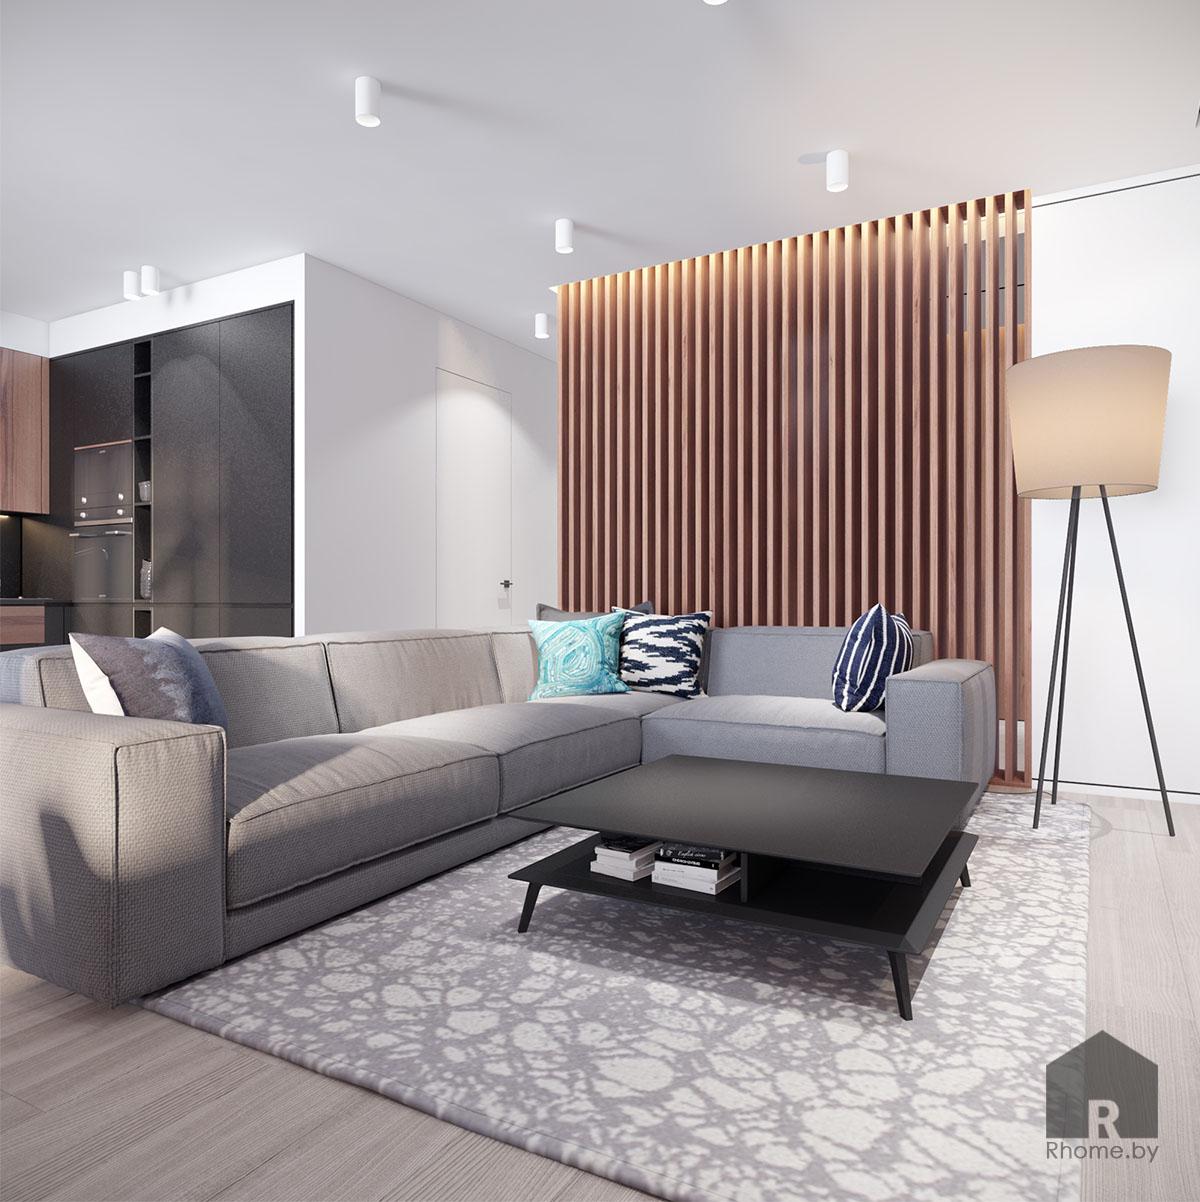 Дизайн интерьера гостиной в ЖК «Браславский» | Дизайн студия – Rhome.by